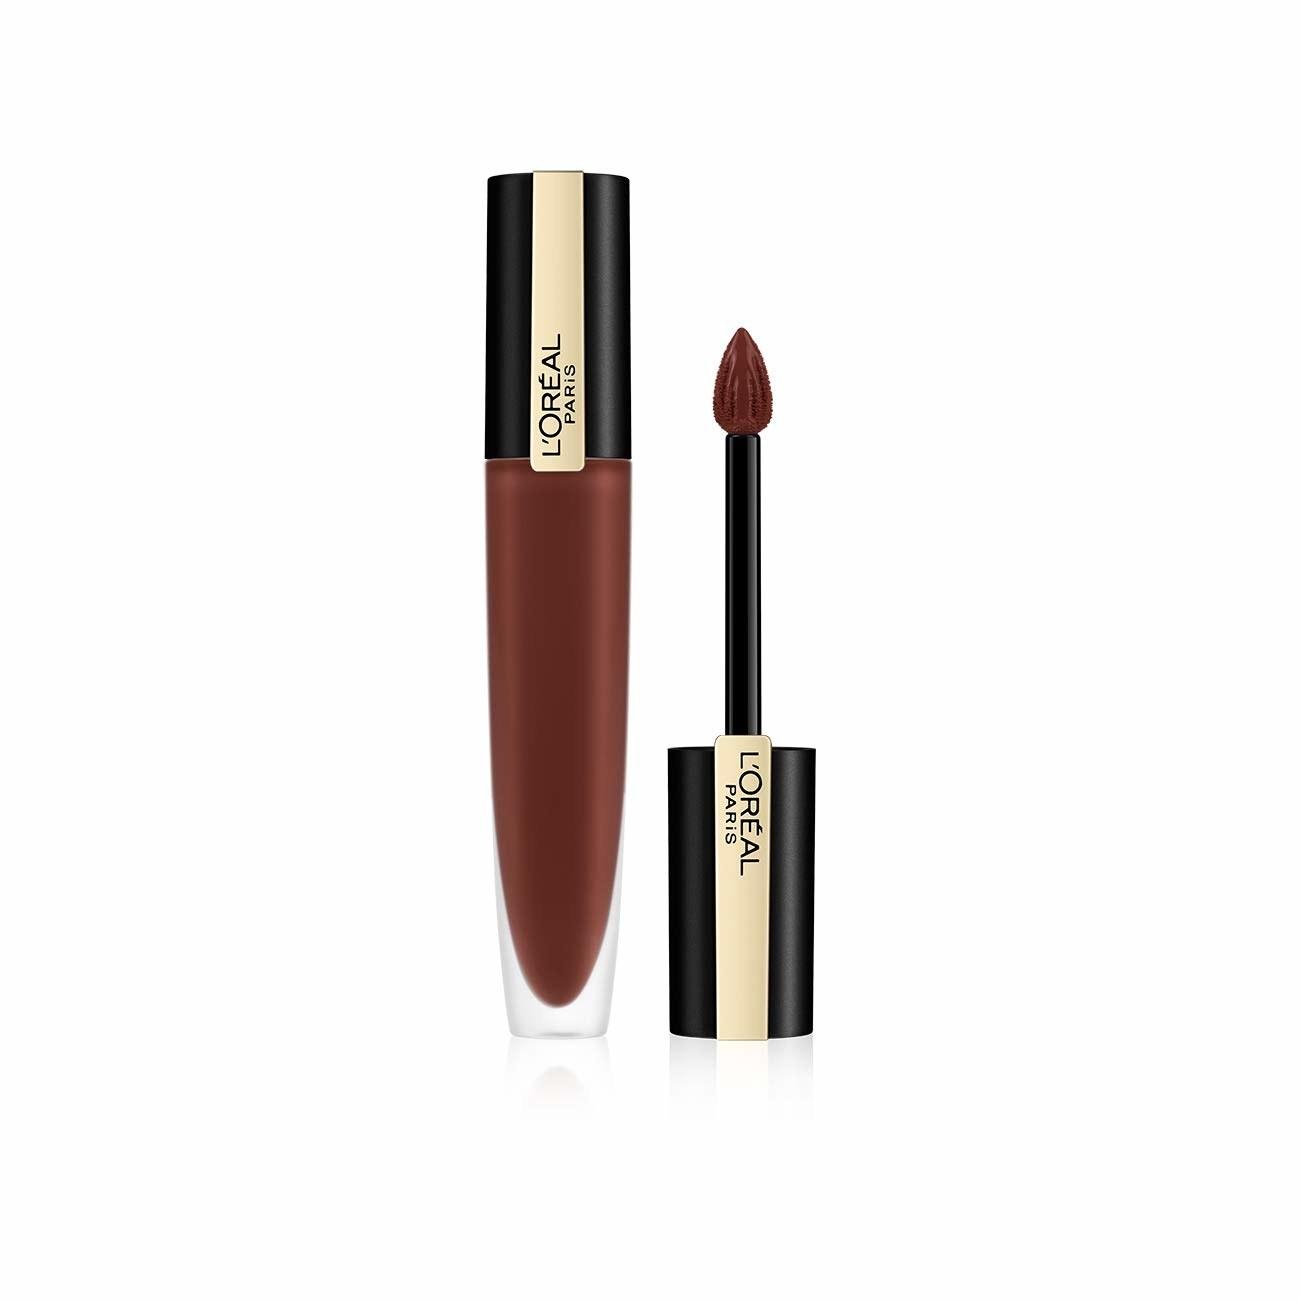 A dark red lipstick